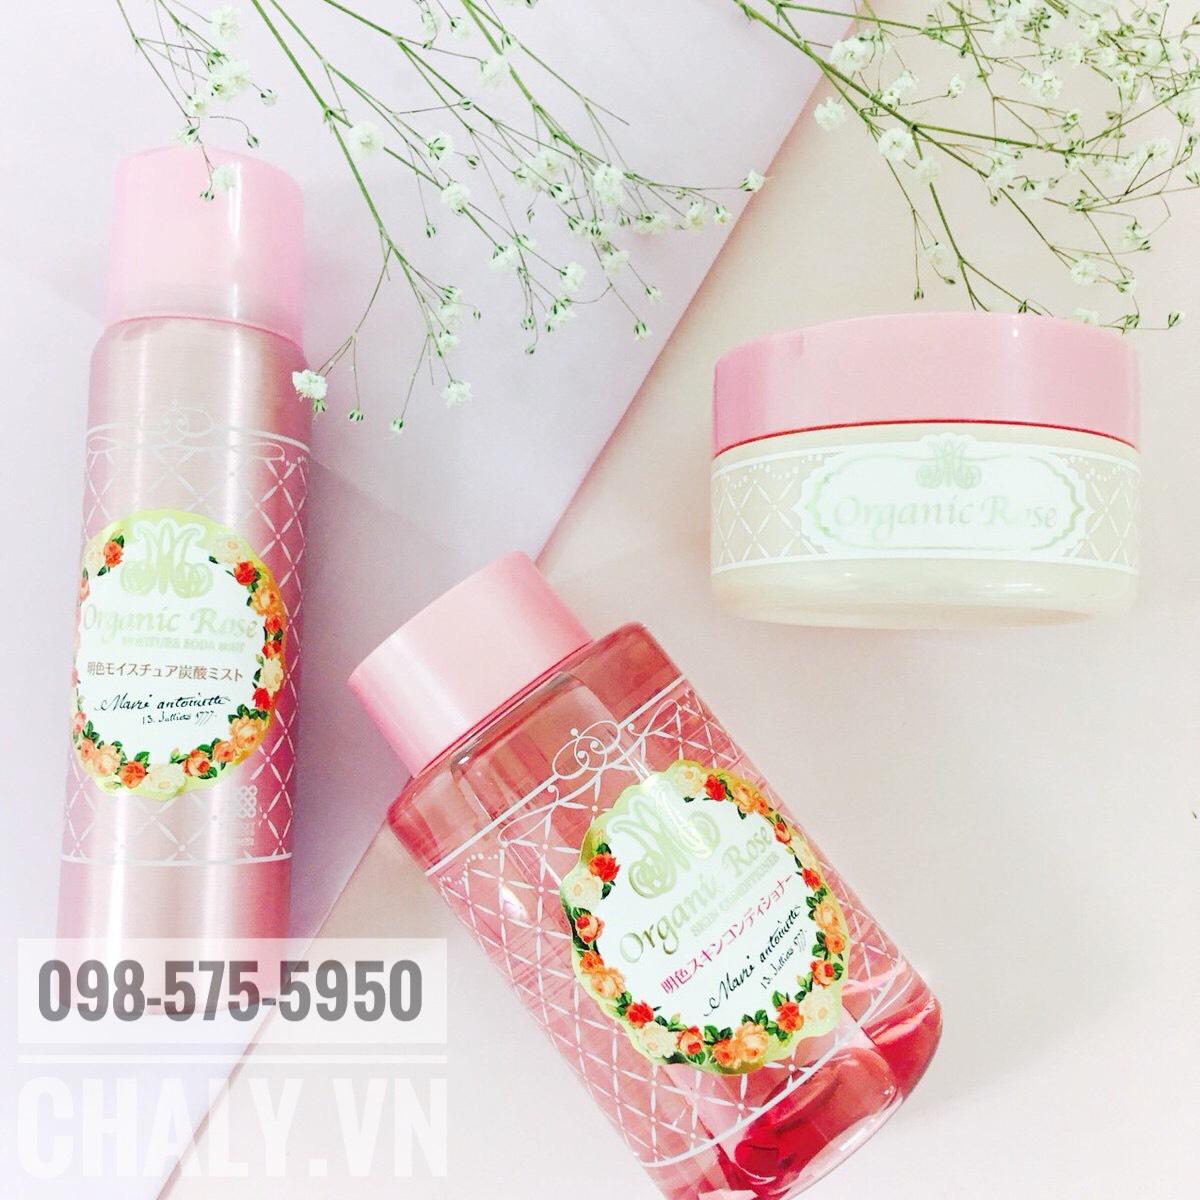 Set organic rose skin conditioner gel review: Thứ tự yêu thích của mình là toner > kem > sữa rửa mặt